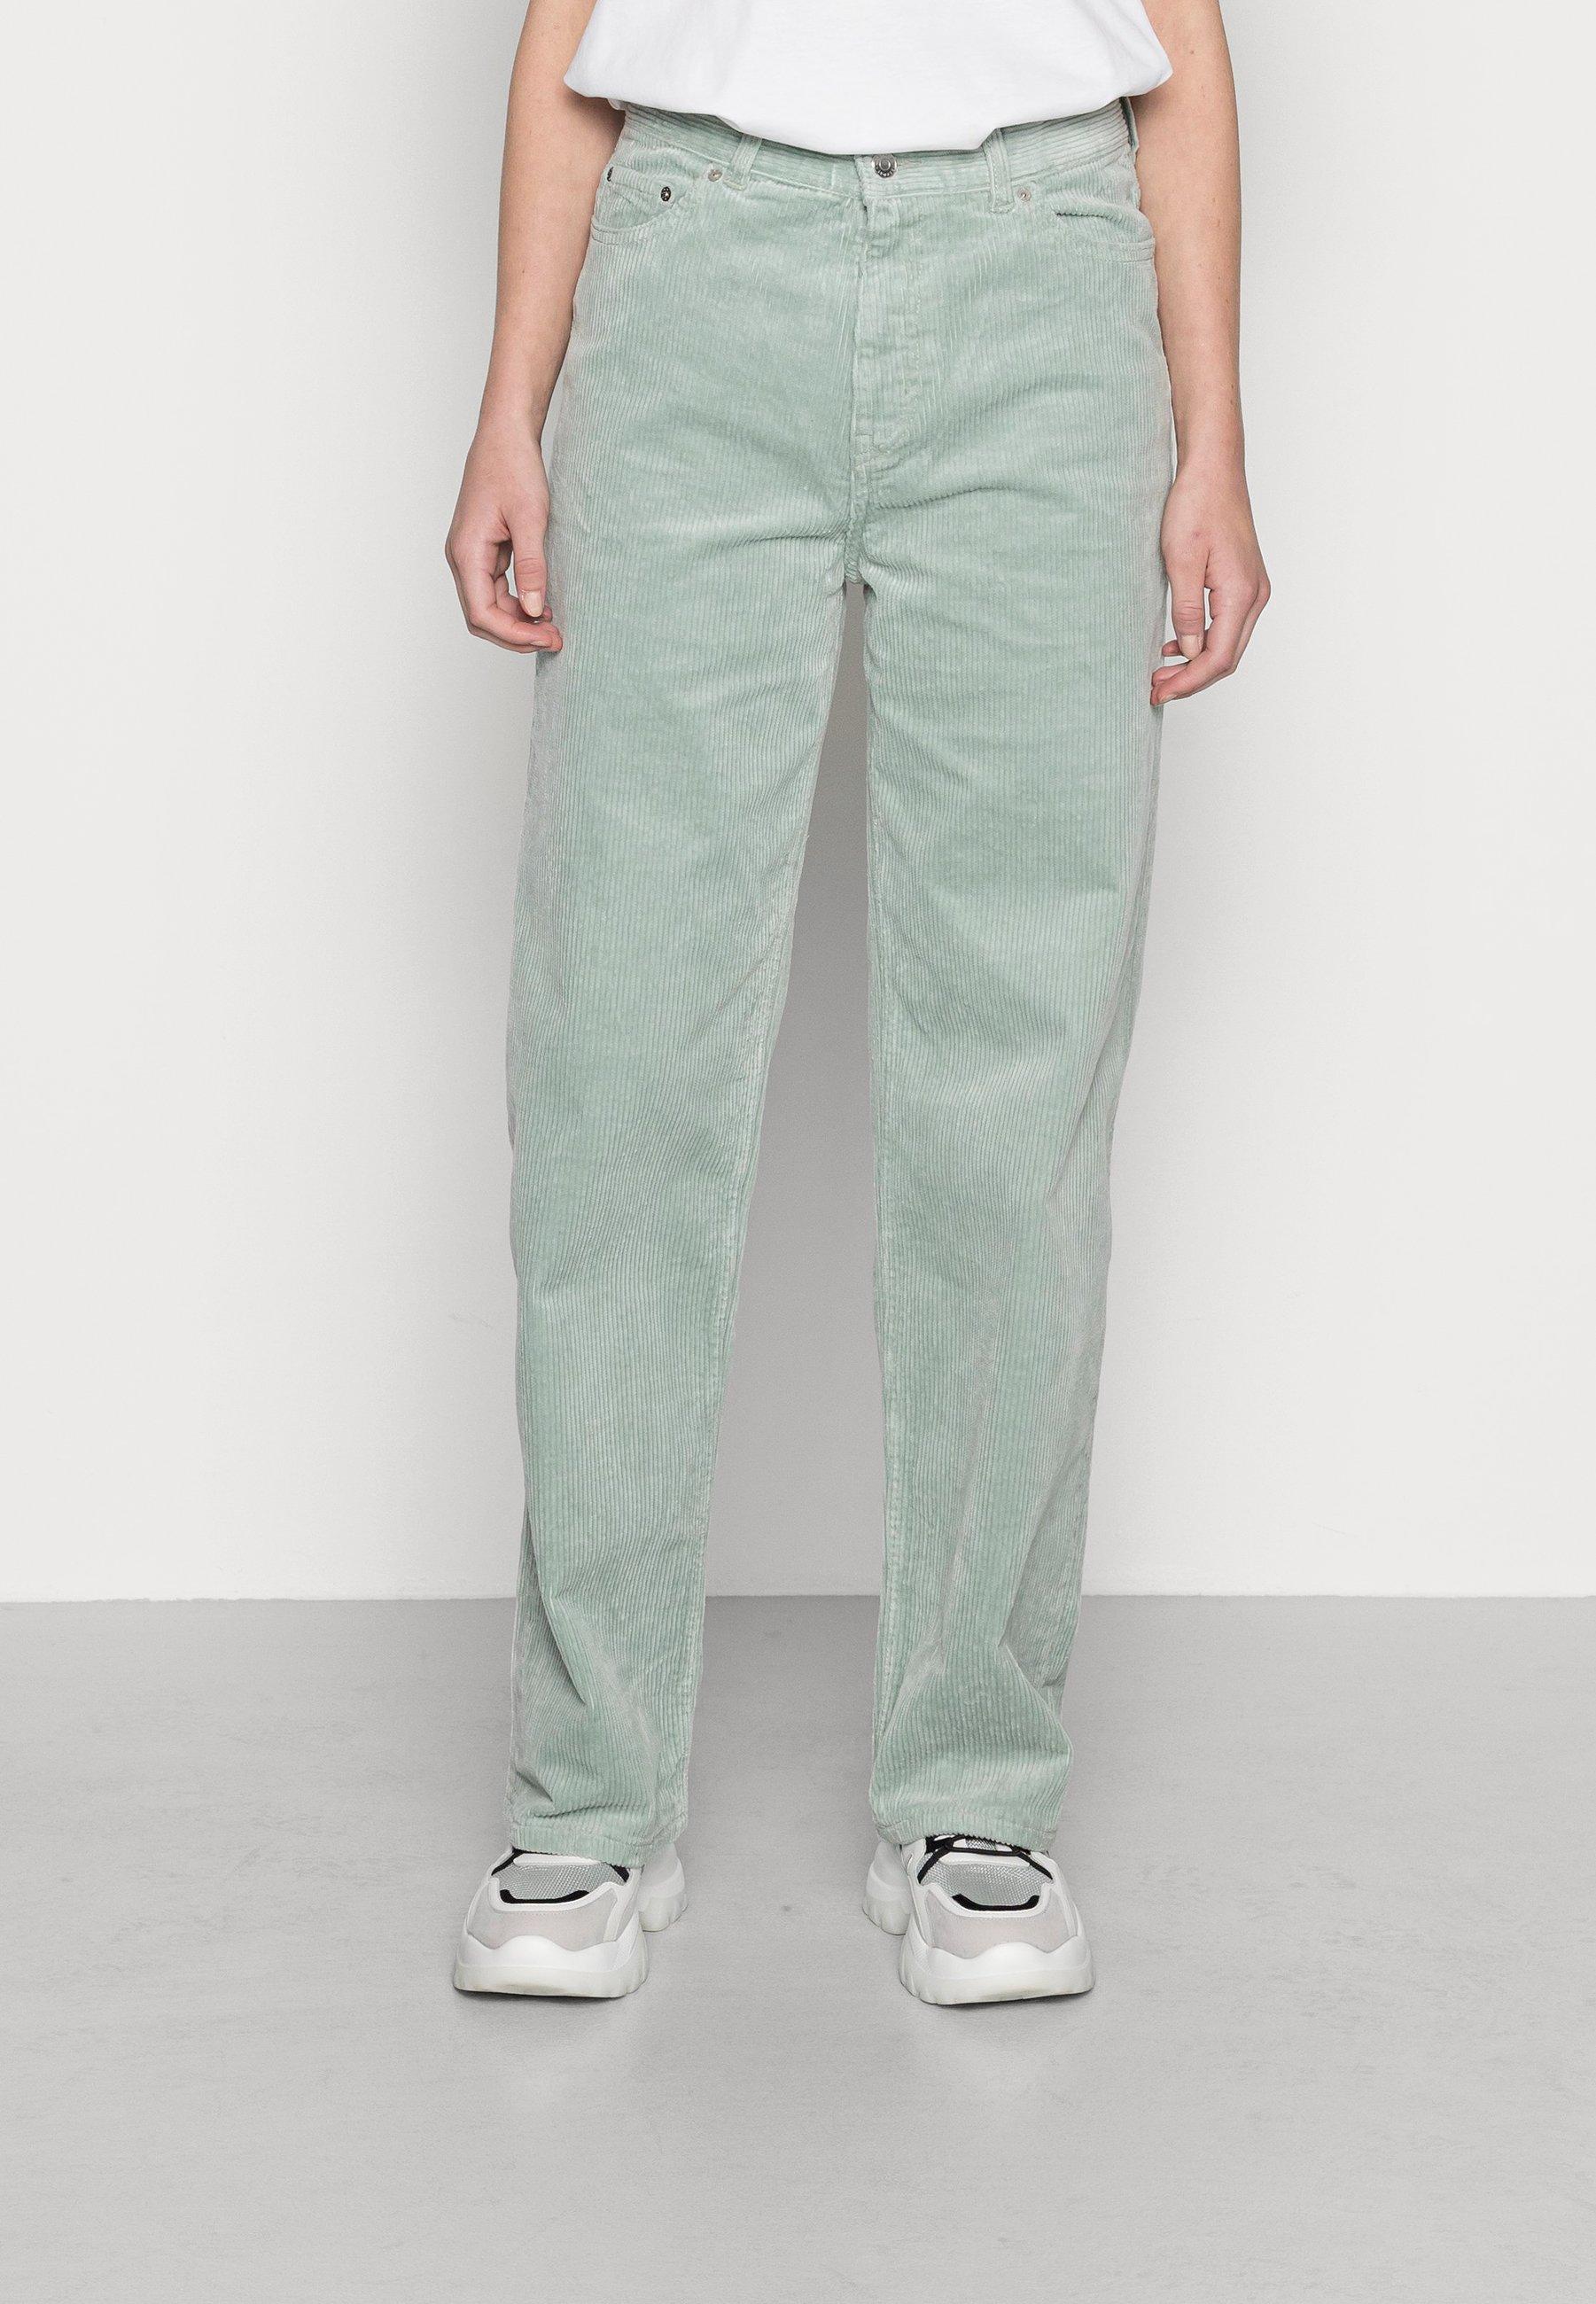 Femme LASHES TROUSERS - Pantalon classique